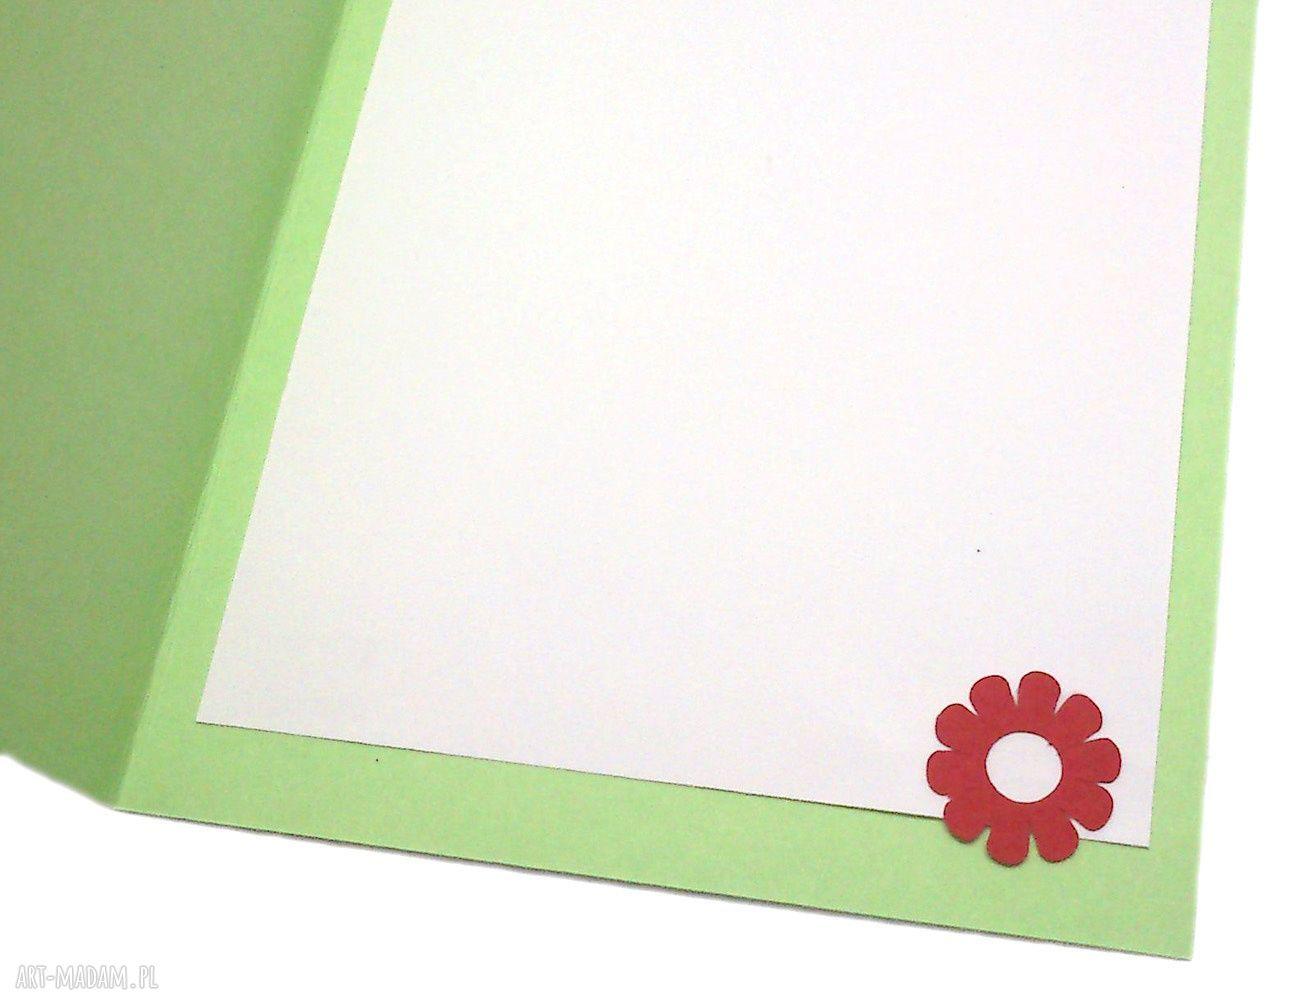 wielkanoc kartki zielone kartka wielkanocna